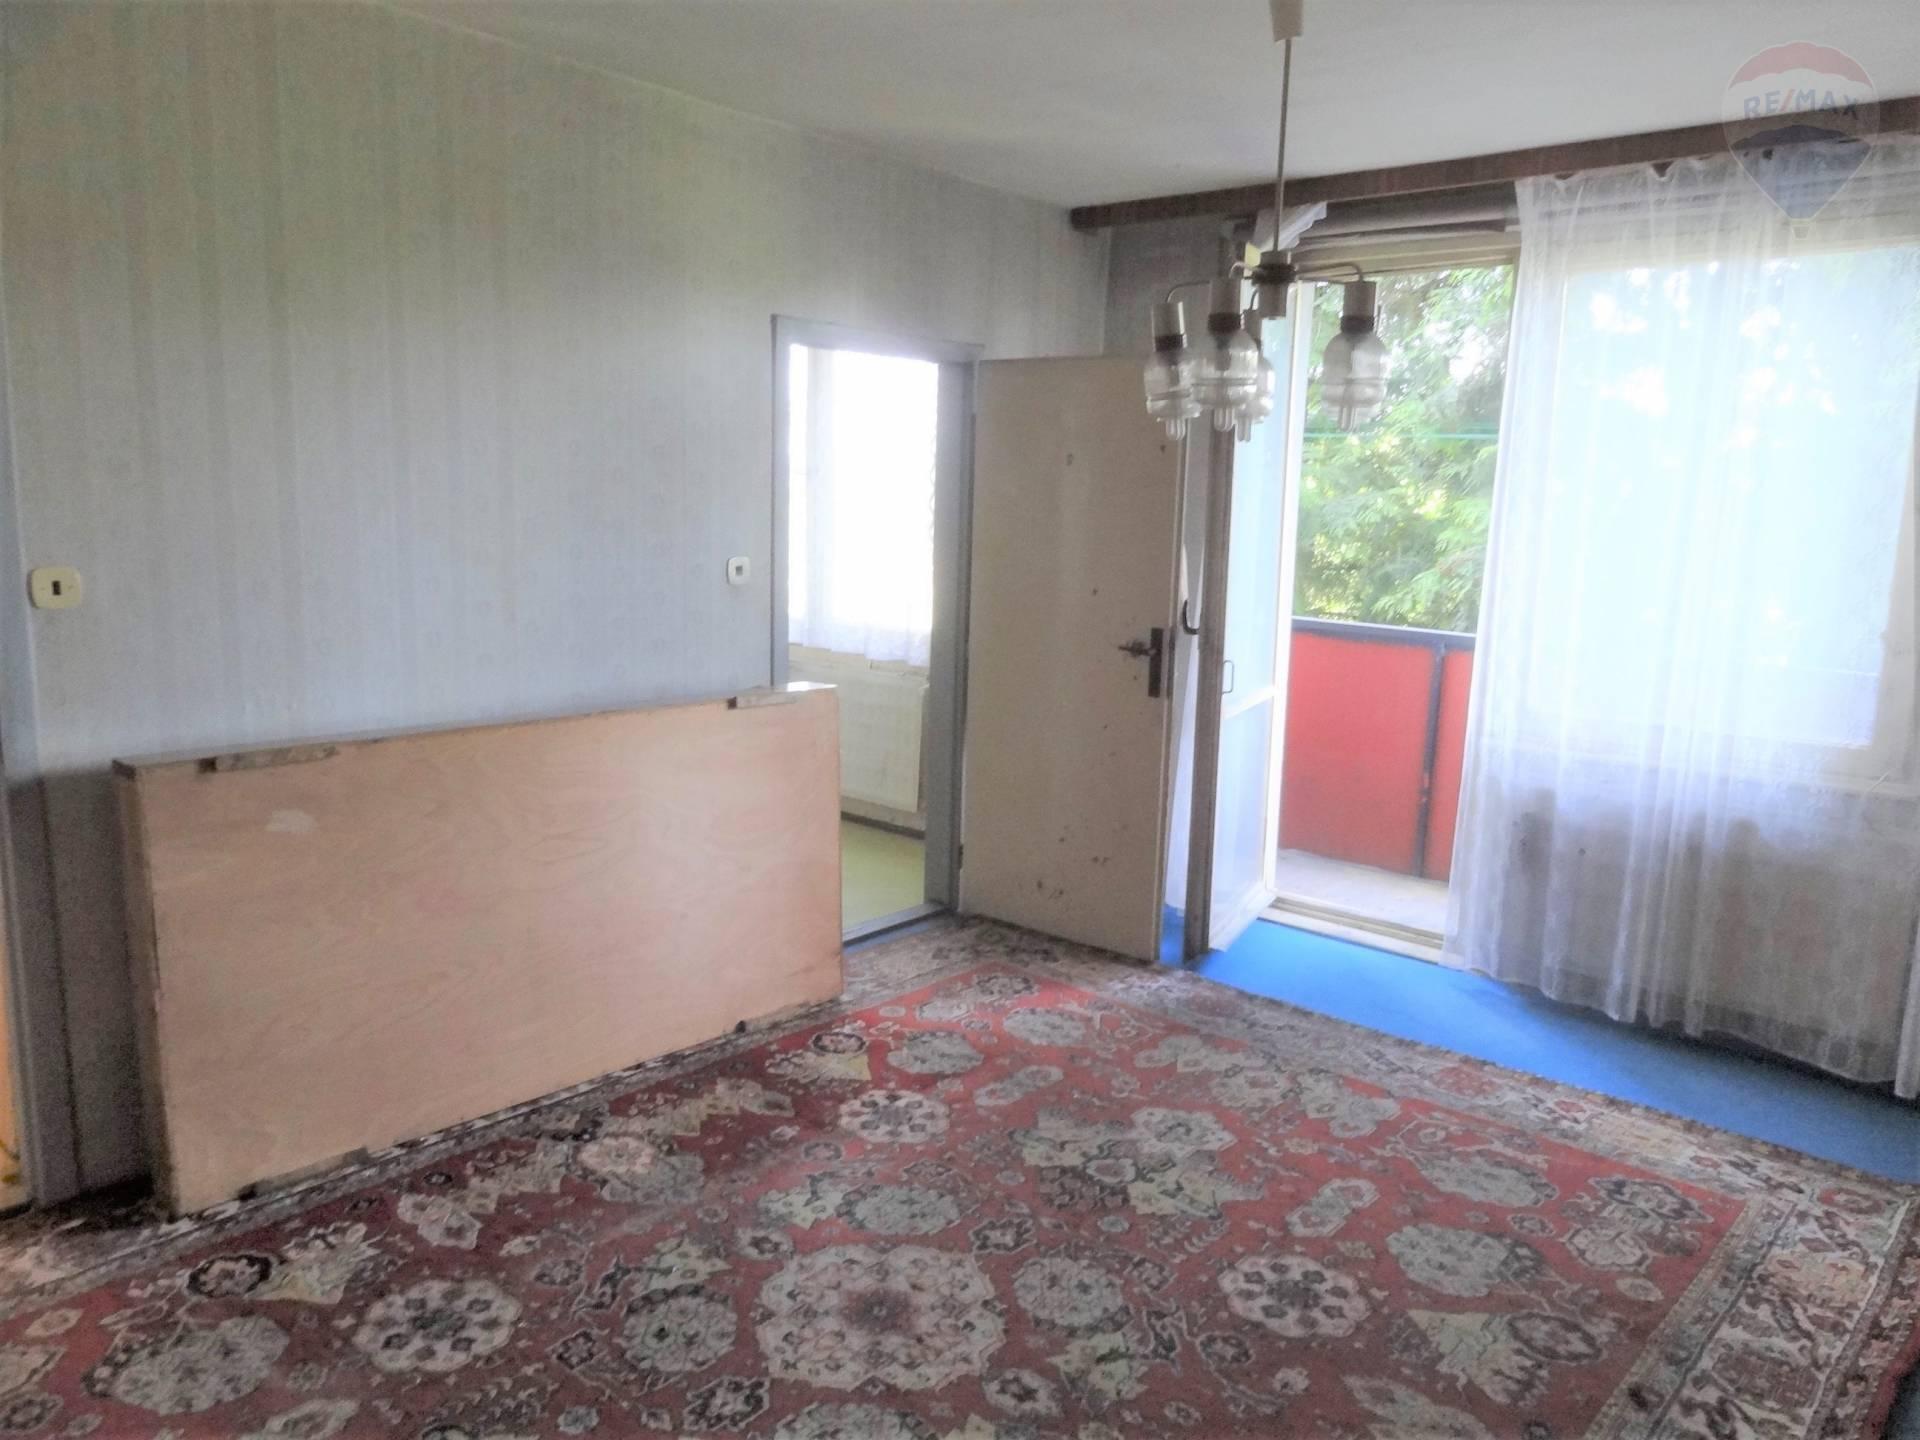 PREDANE! Predaj 2 izbový byt, Nitra, Jurkovičova EXKLUZÍVNE